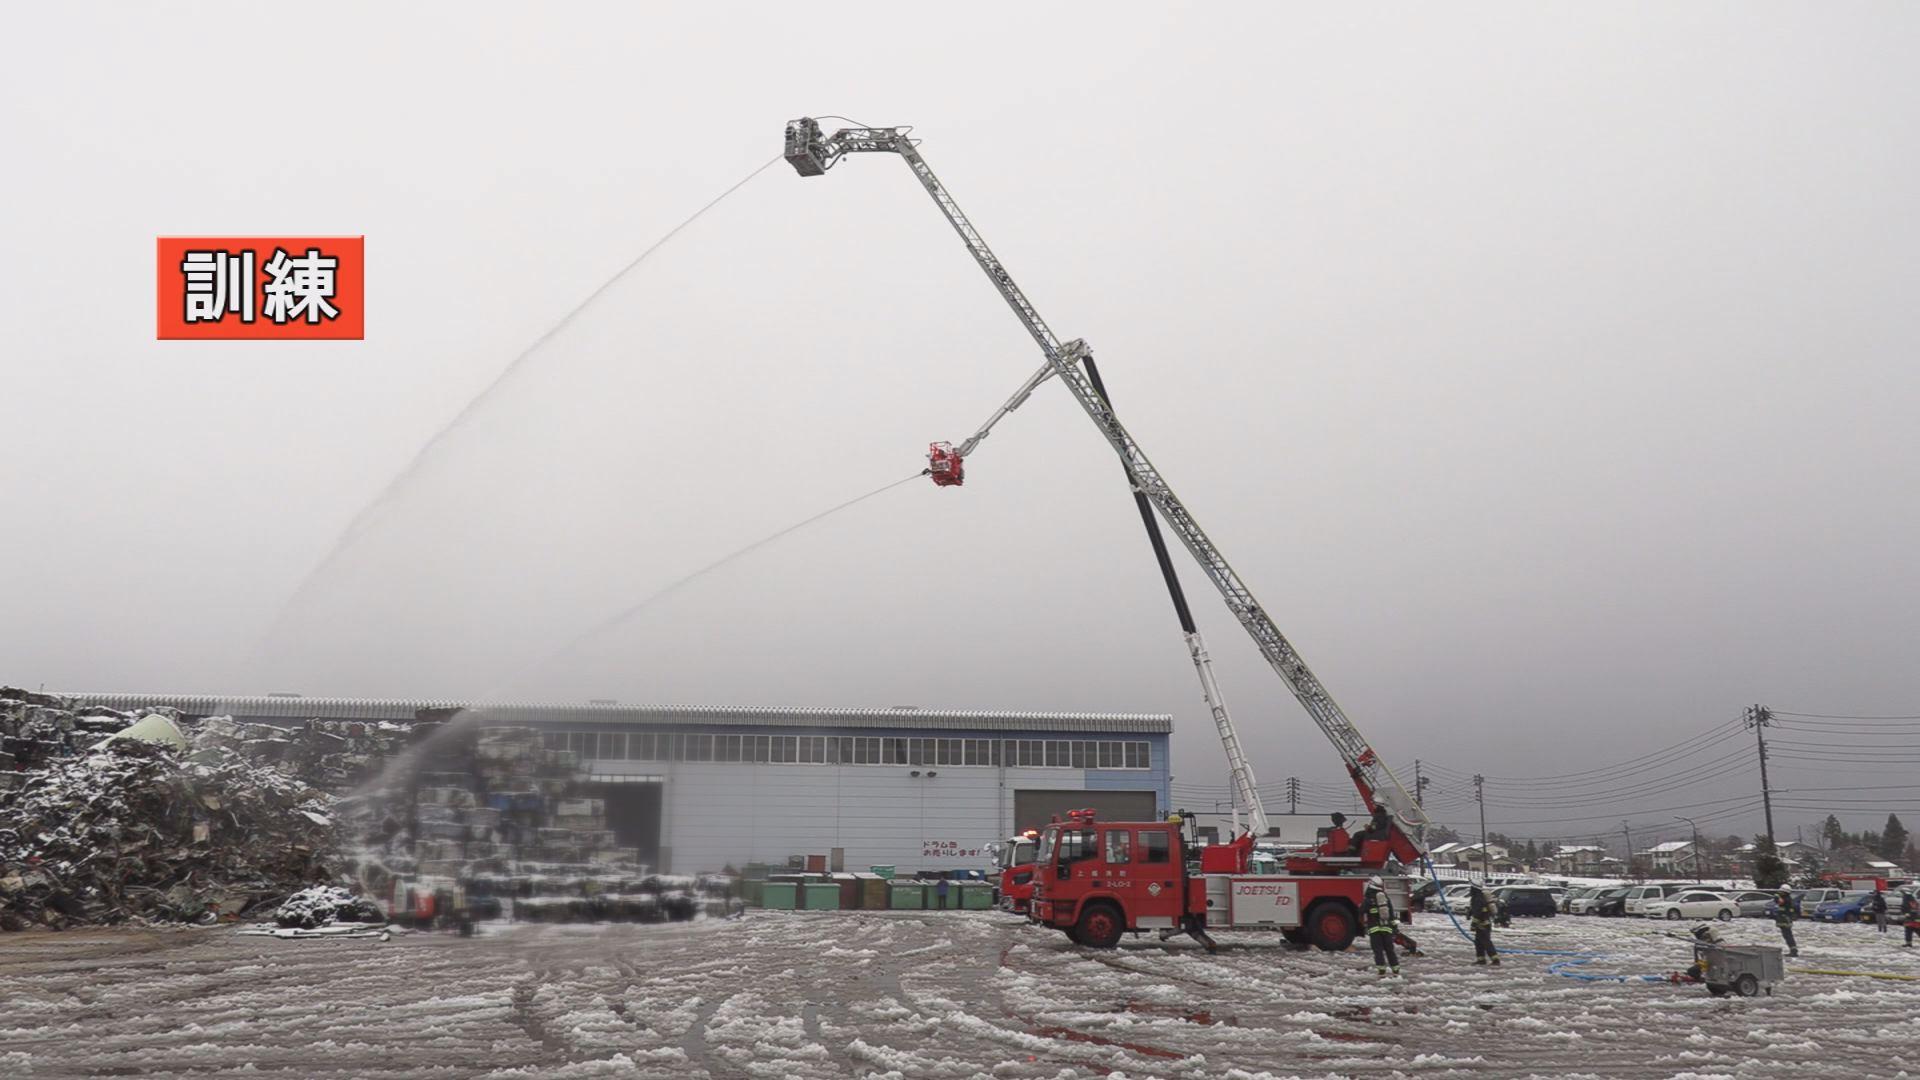 191206_金属スクラップ火災消防訓練0